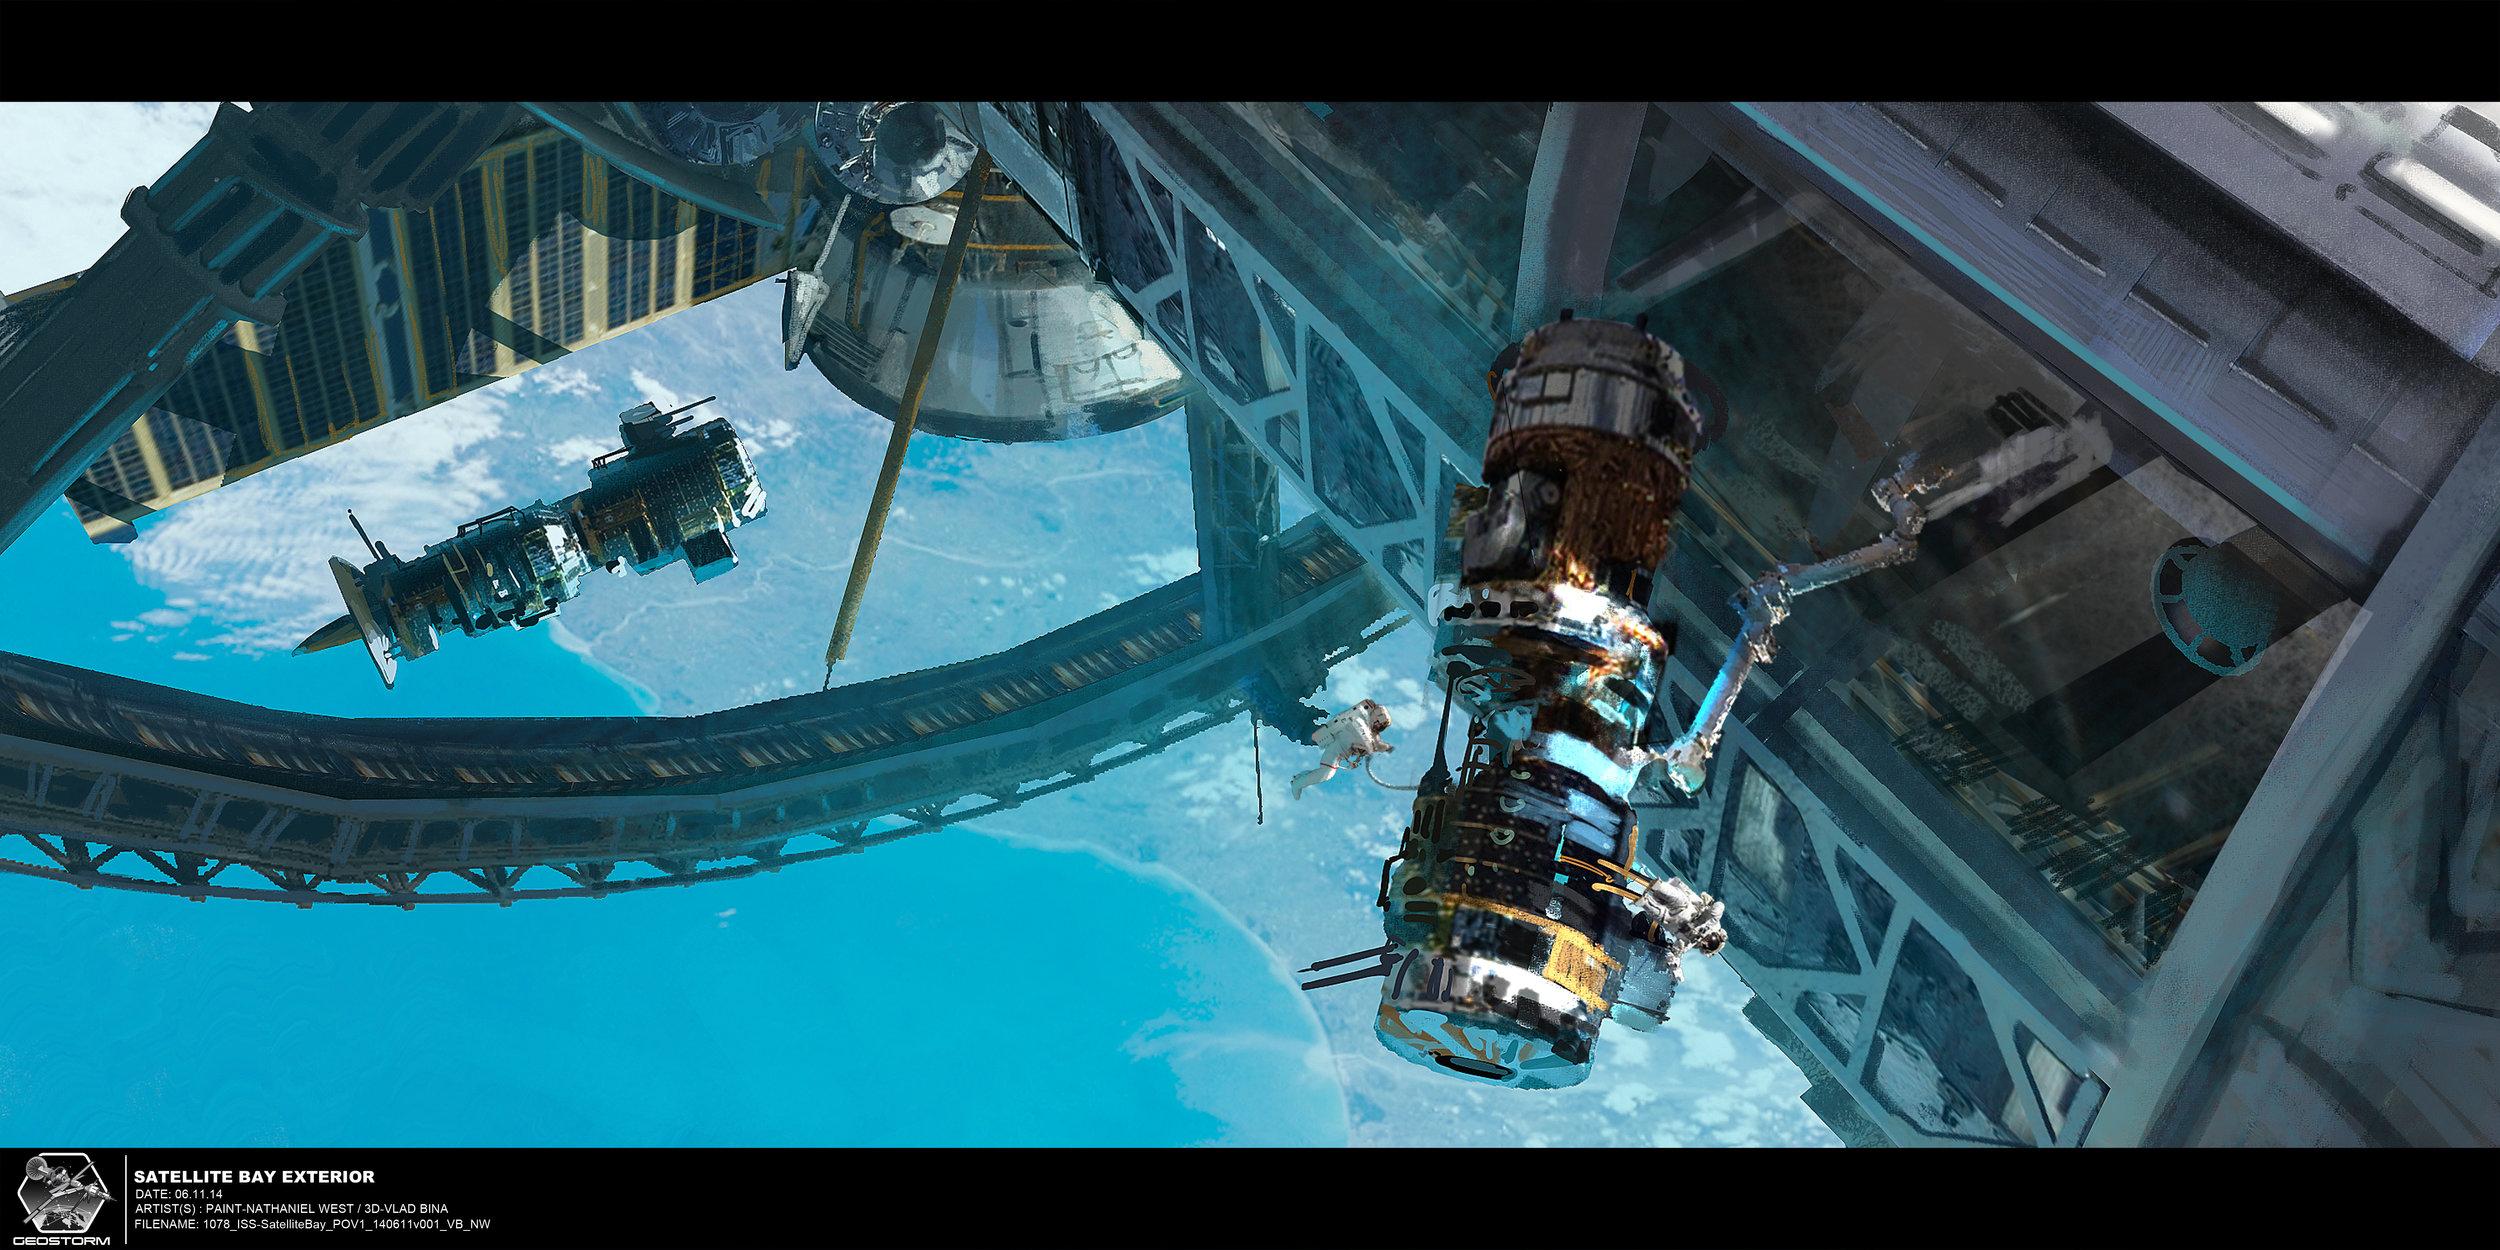 1078_ISS-SatelliteBay_POV1_140611v001_VB_NW.jpg